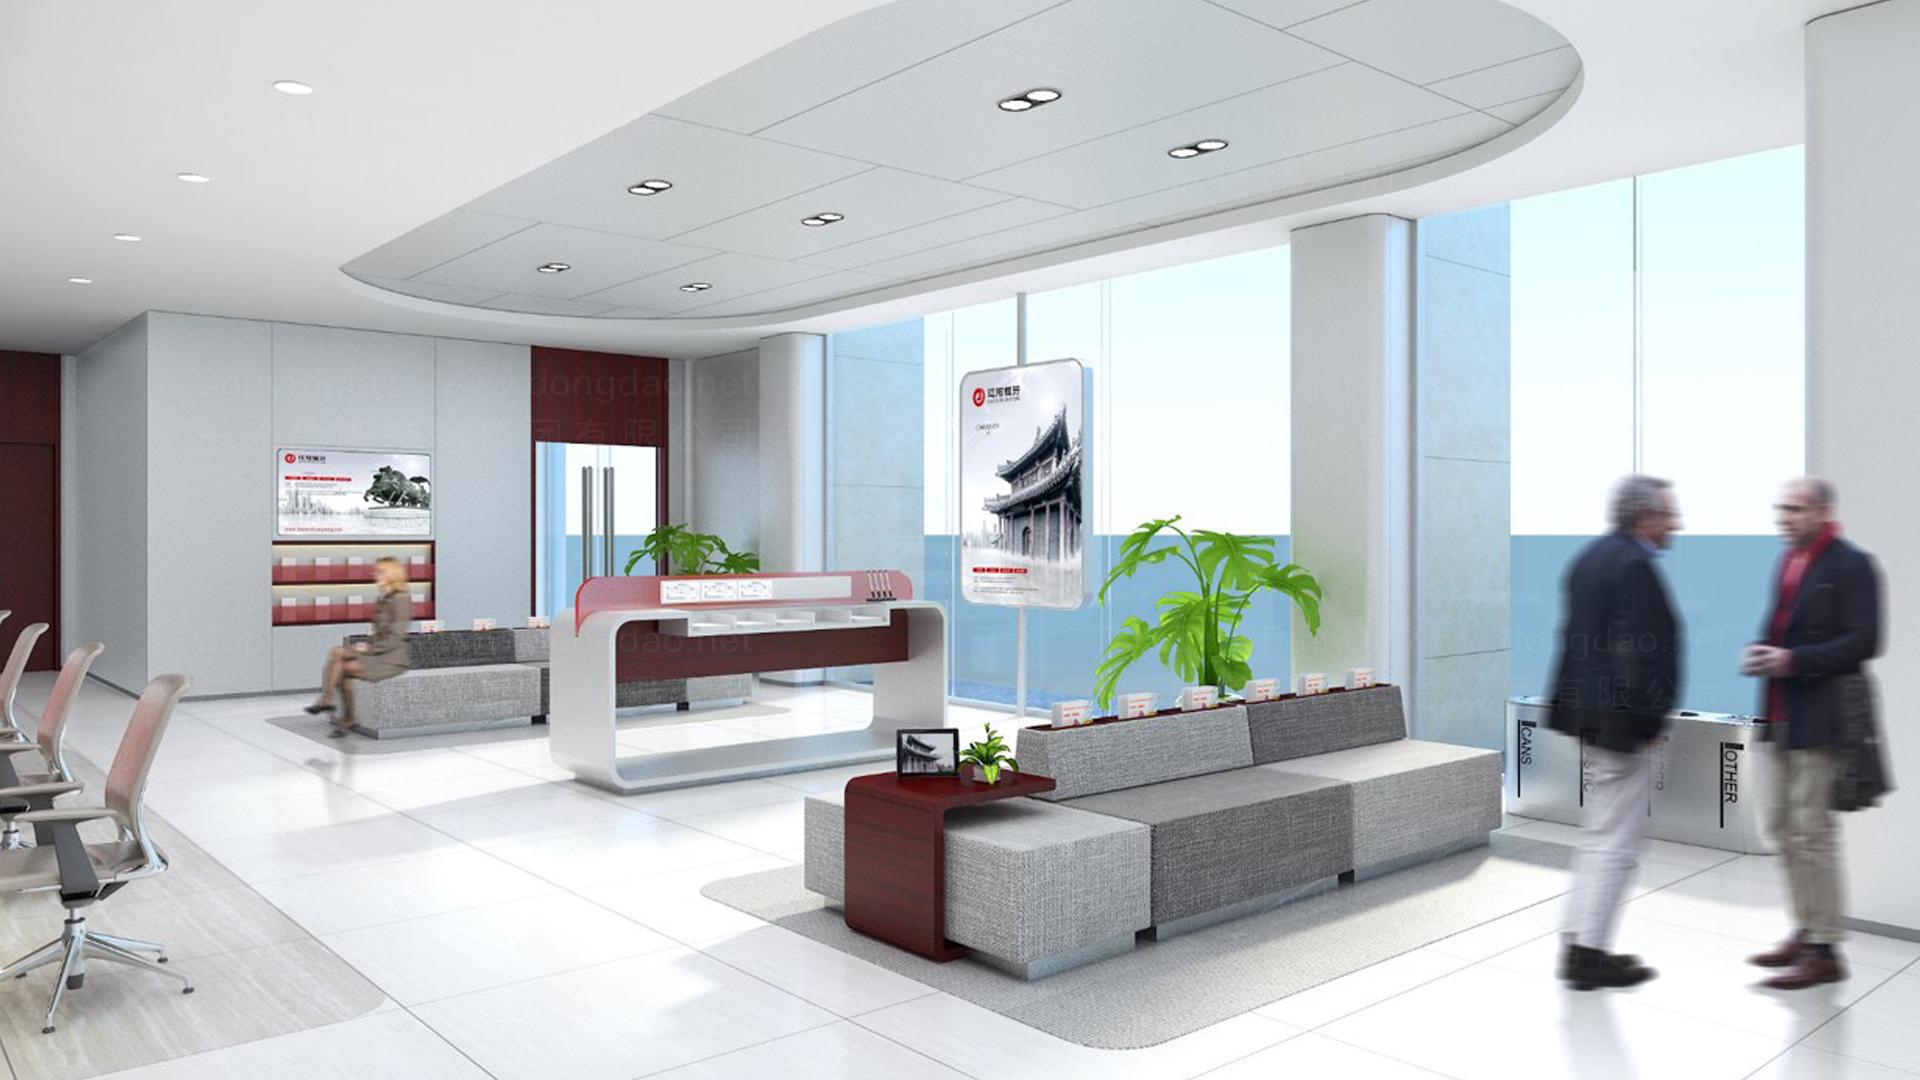 商业空间&导示辽阳银行银行网点风格设计应用场景_1